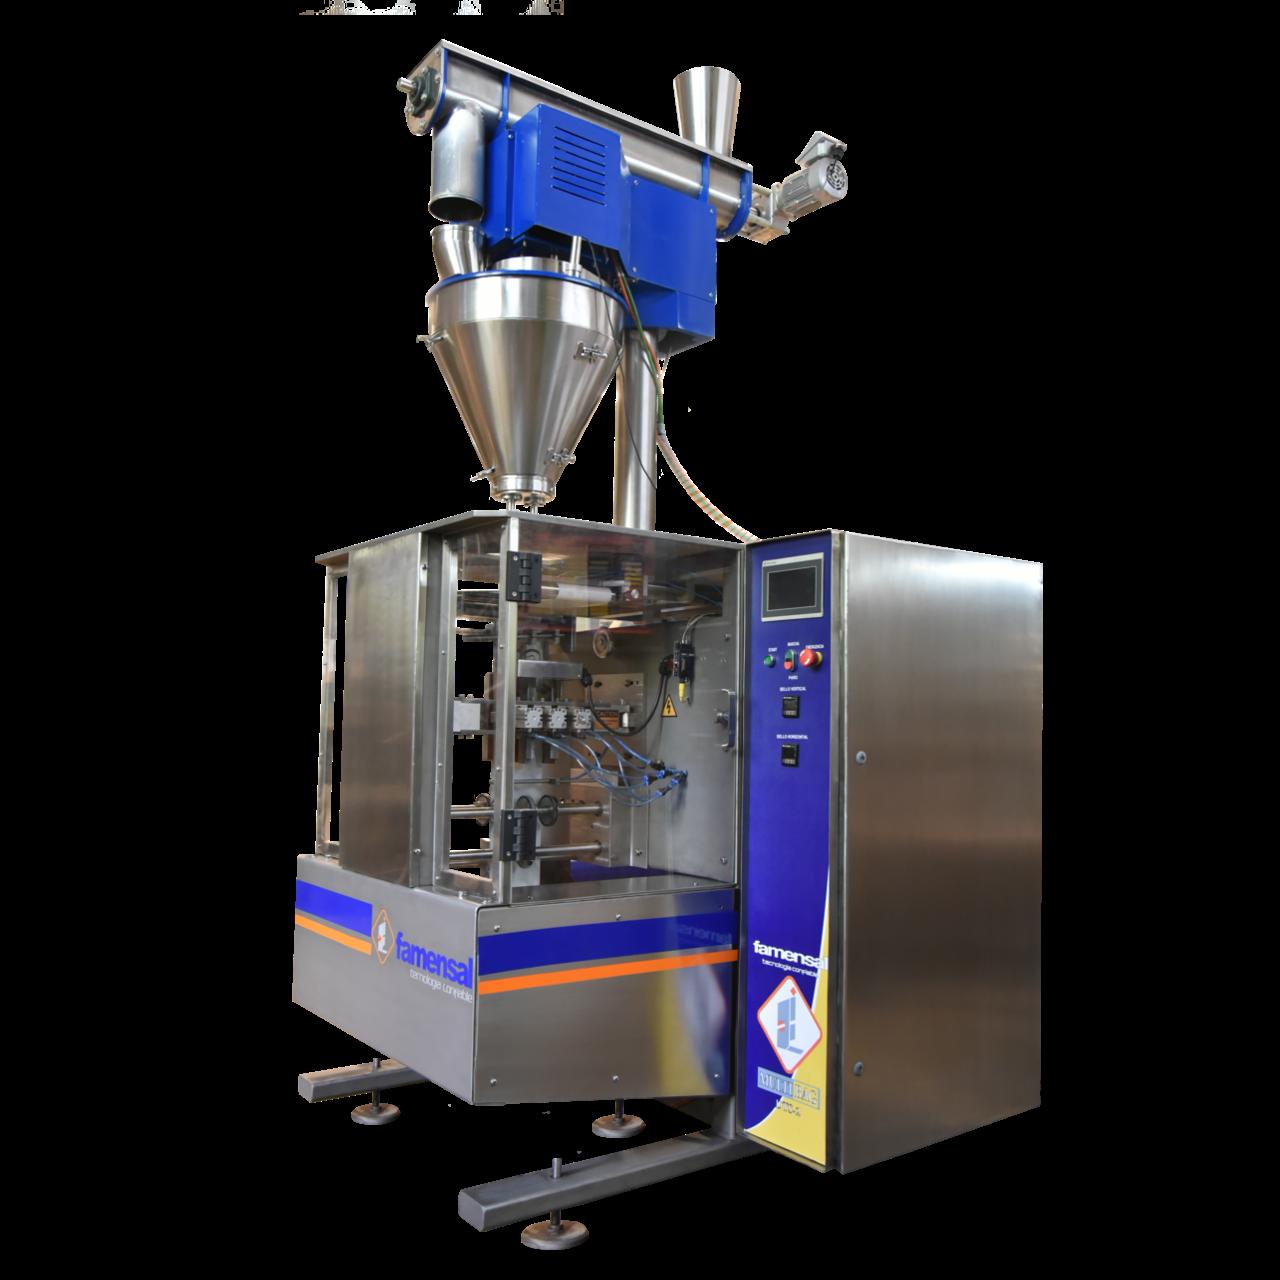 SACHET DTS-2 Envasadora vertical automatica polvo granulos finos